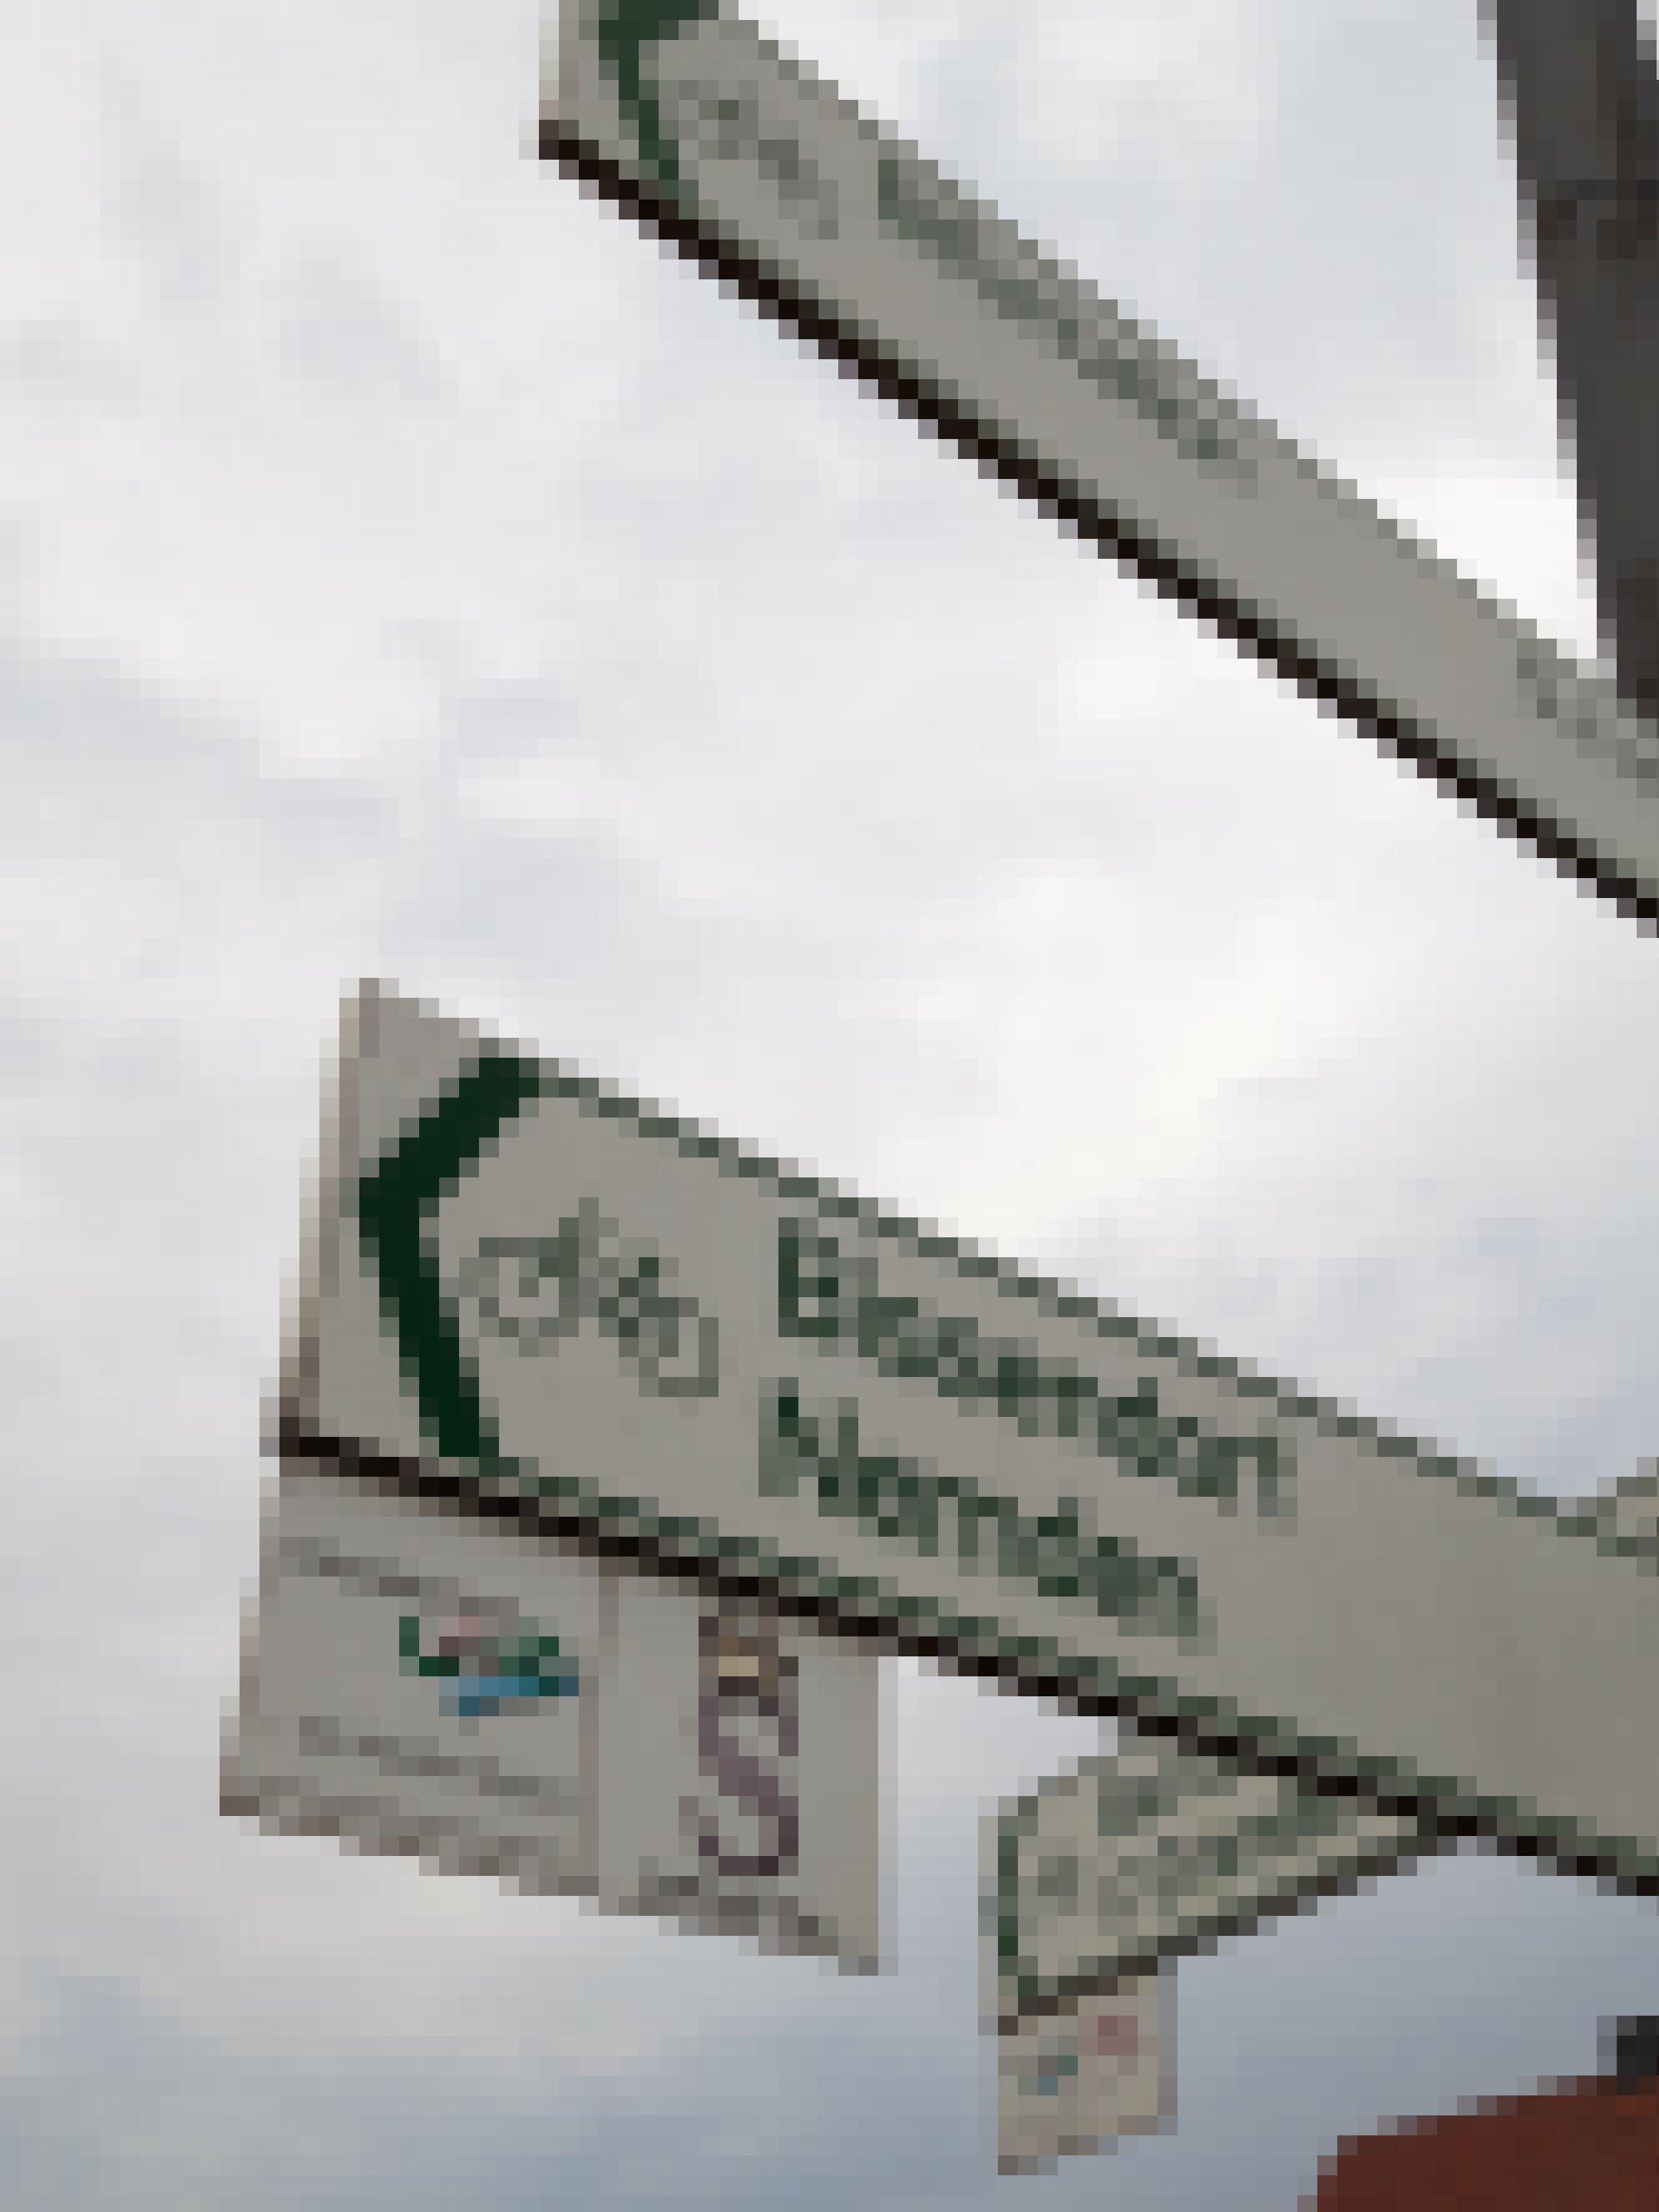 """Hinweisschilder für Radfahrer. Zu lesen ist """"Bifurkation 5,3km"""" sowie """"Bissendorf, Nemden""""."""